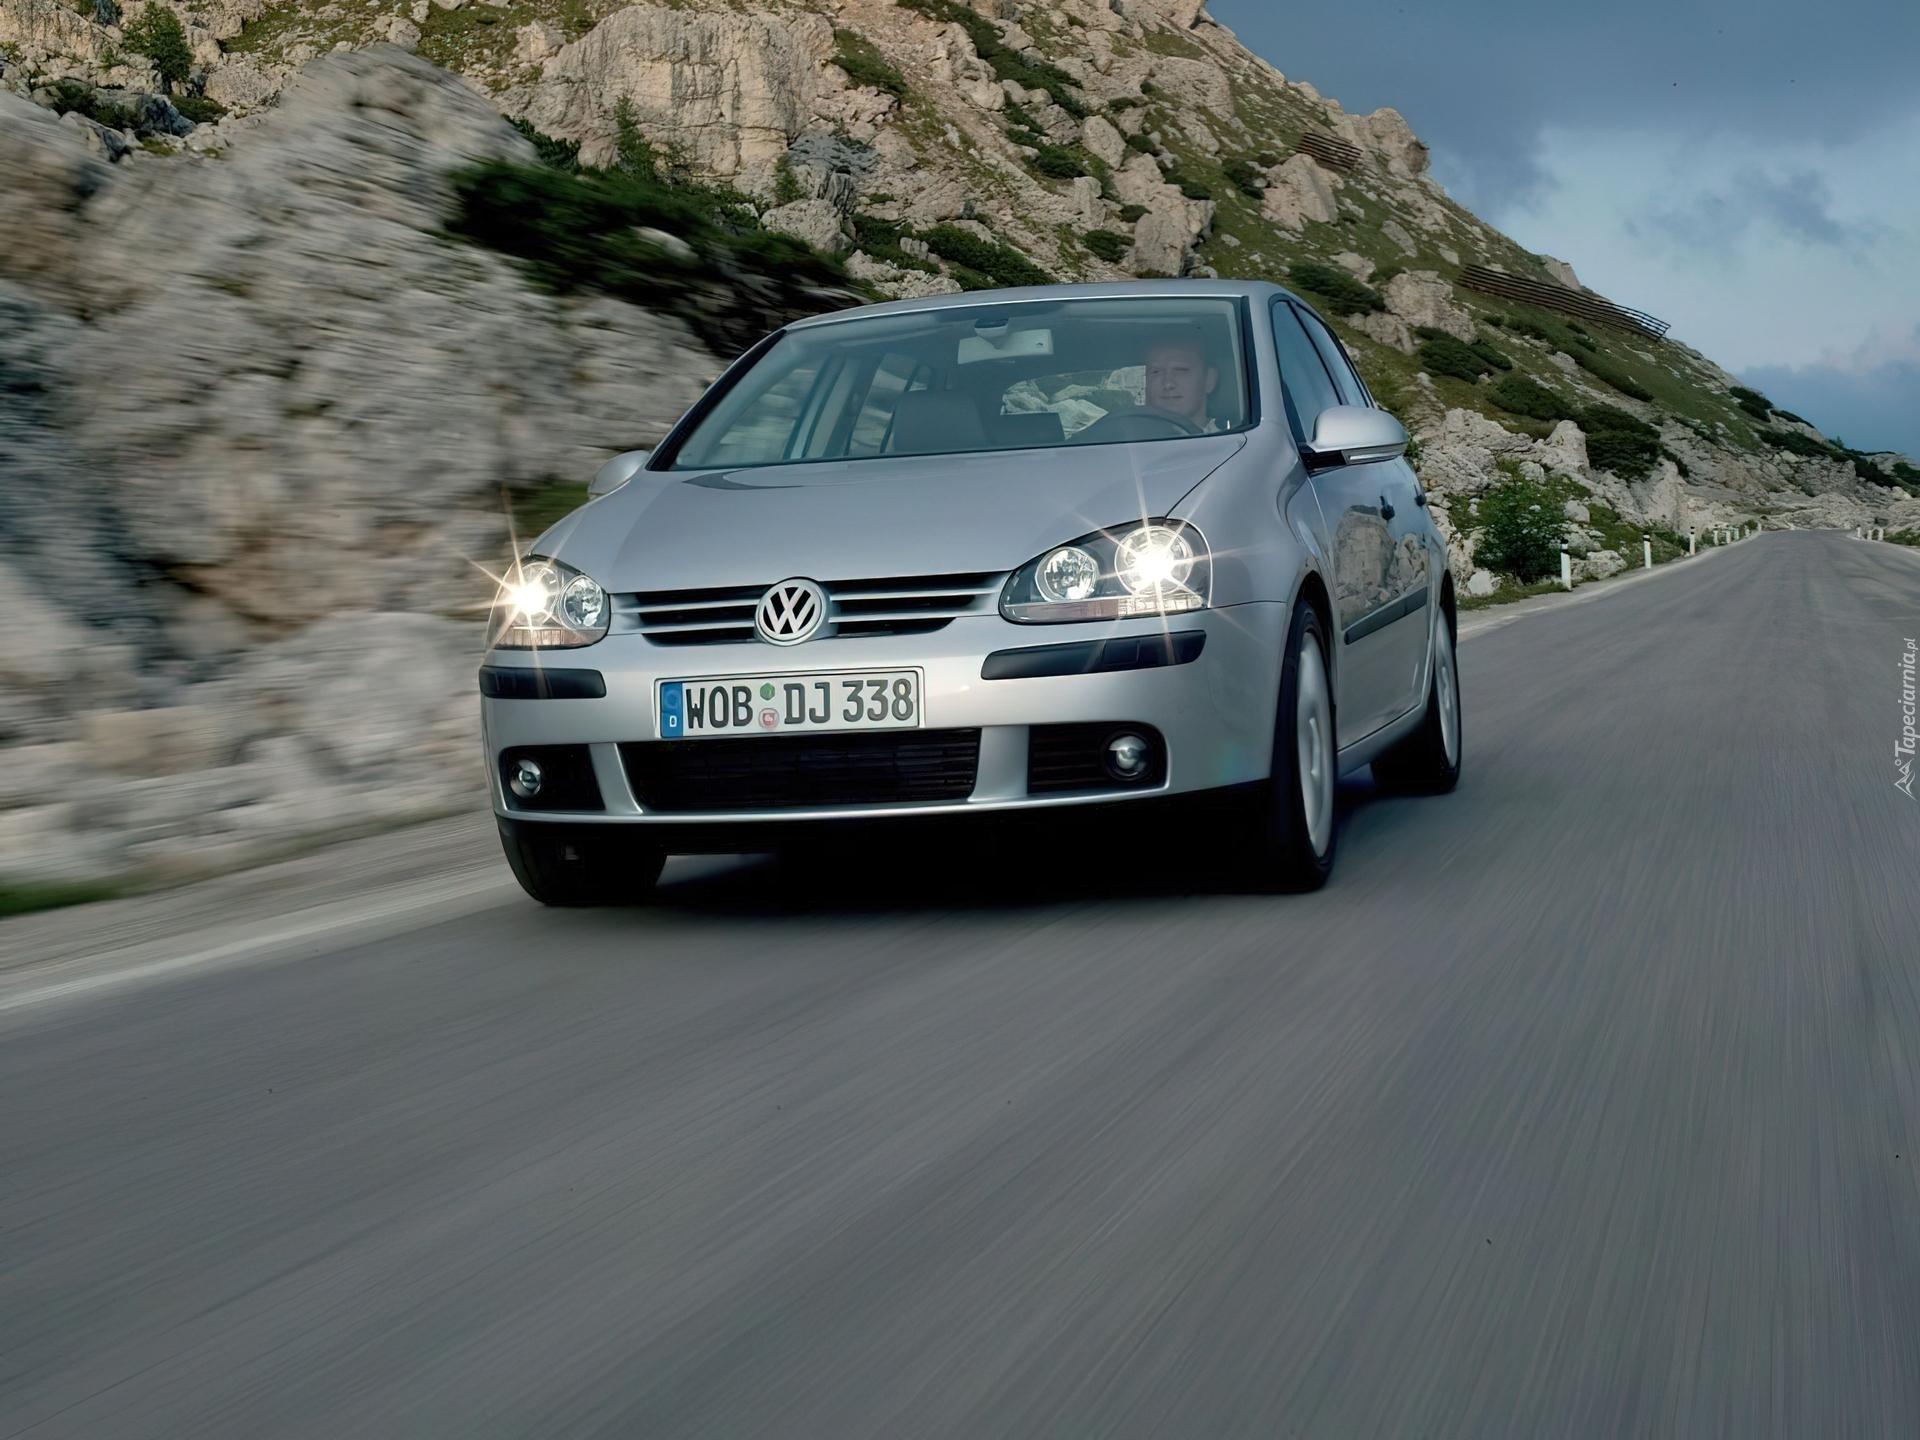 Фото Volkswagen Golf - картинки.